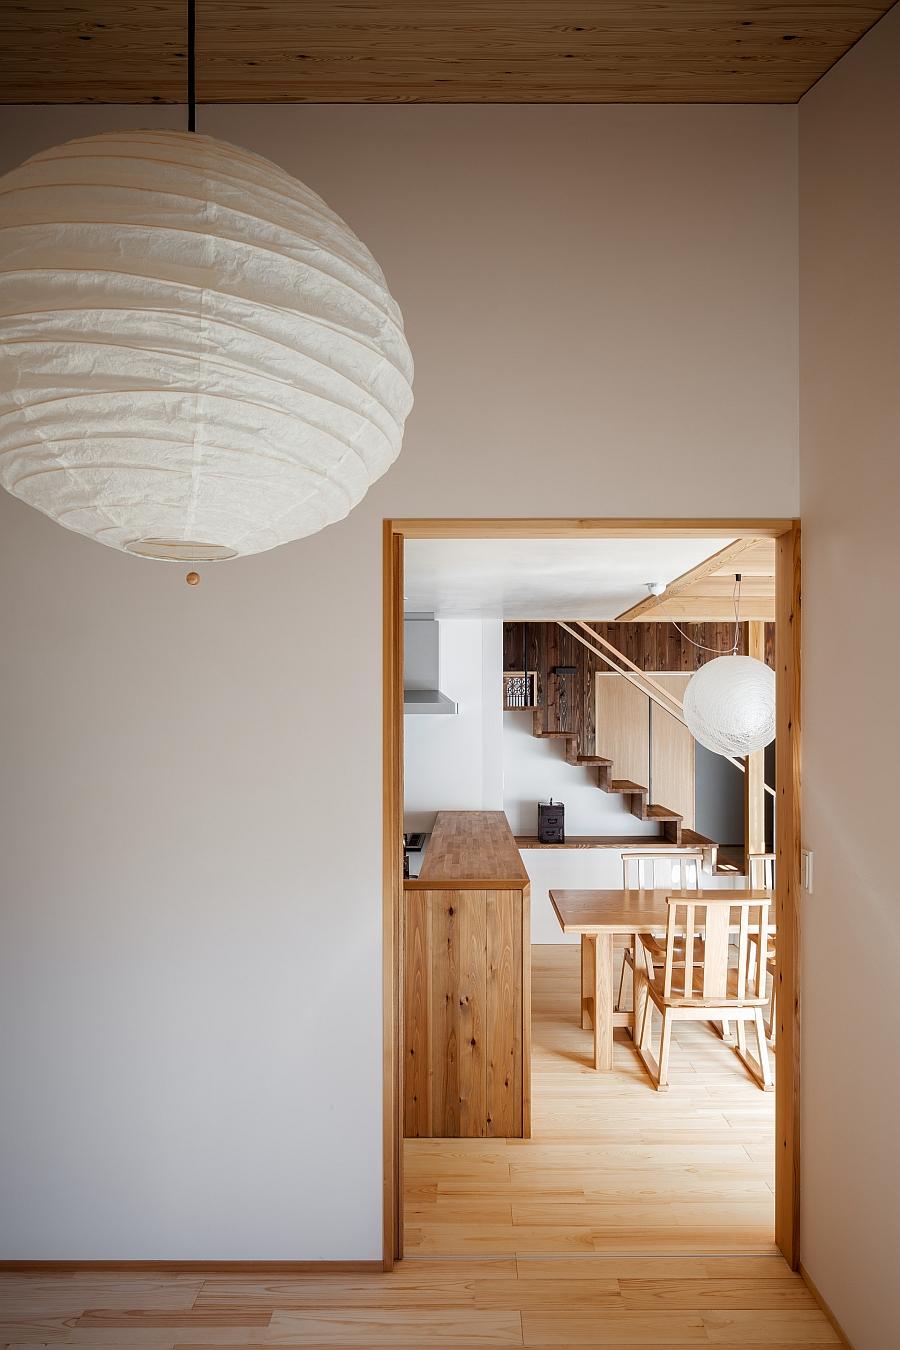 Japanese paper lantern style lighting for the corridor